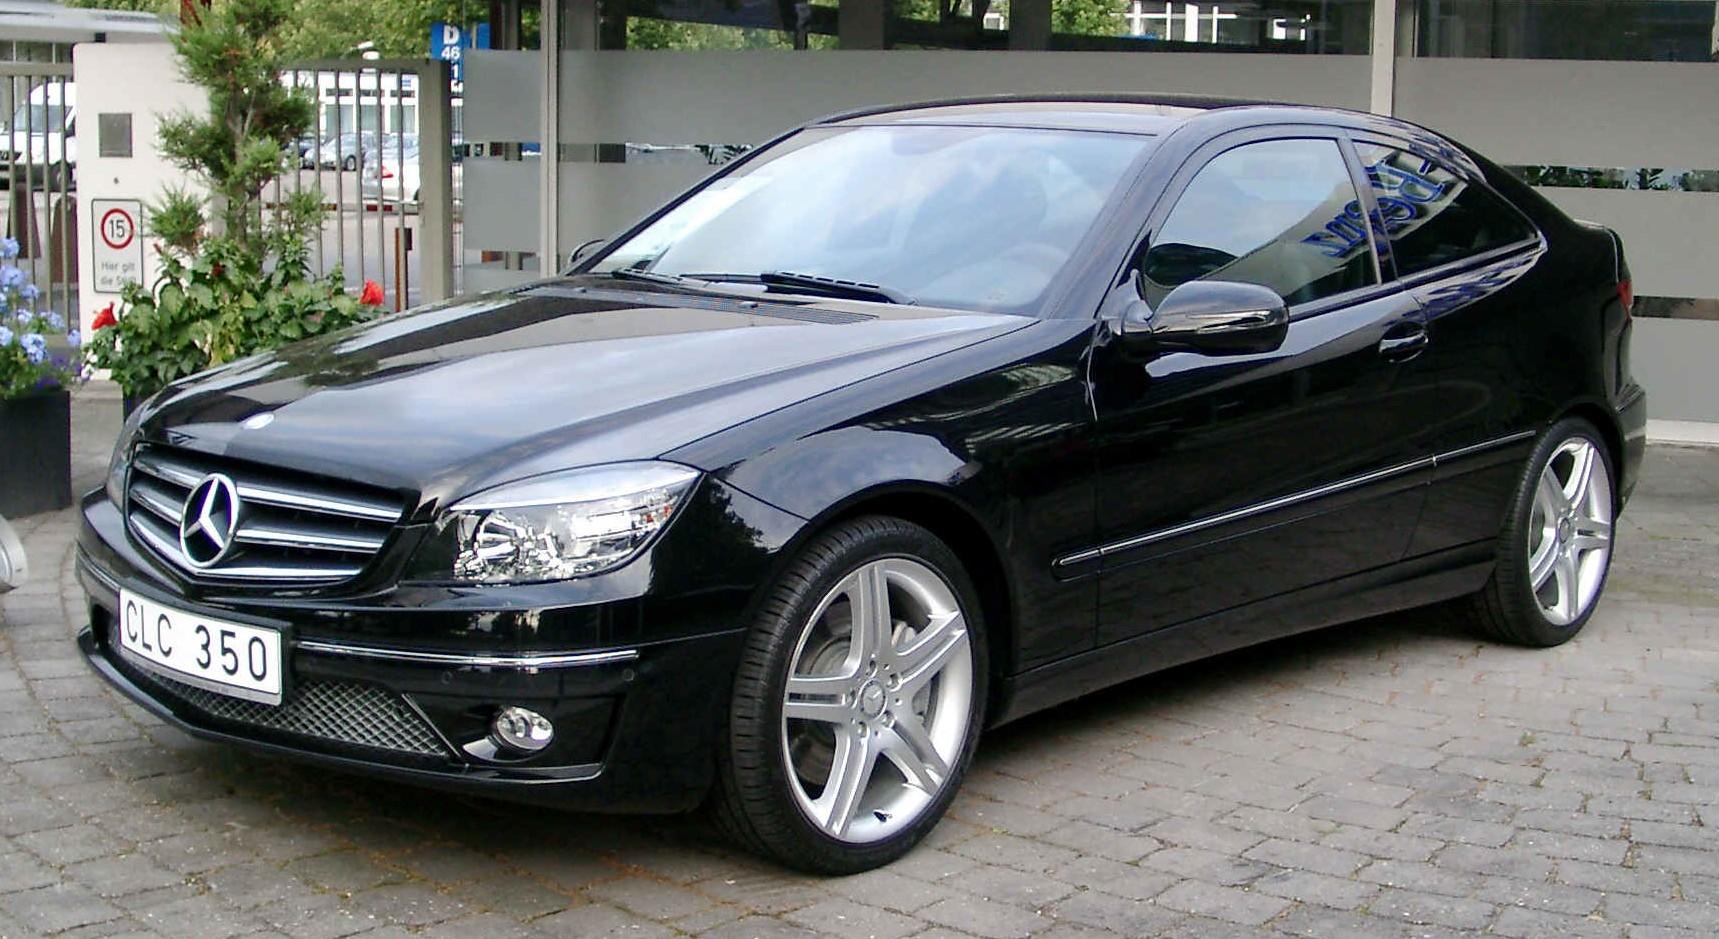 Mercedes Benz Clc  Kompressor  Review